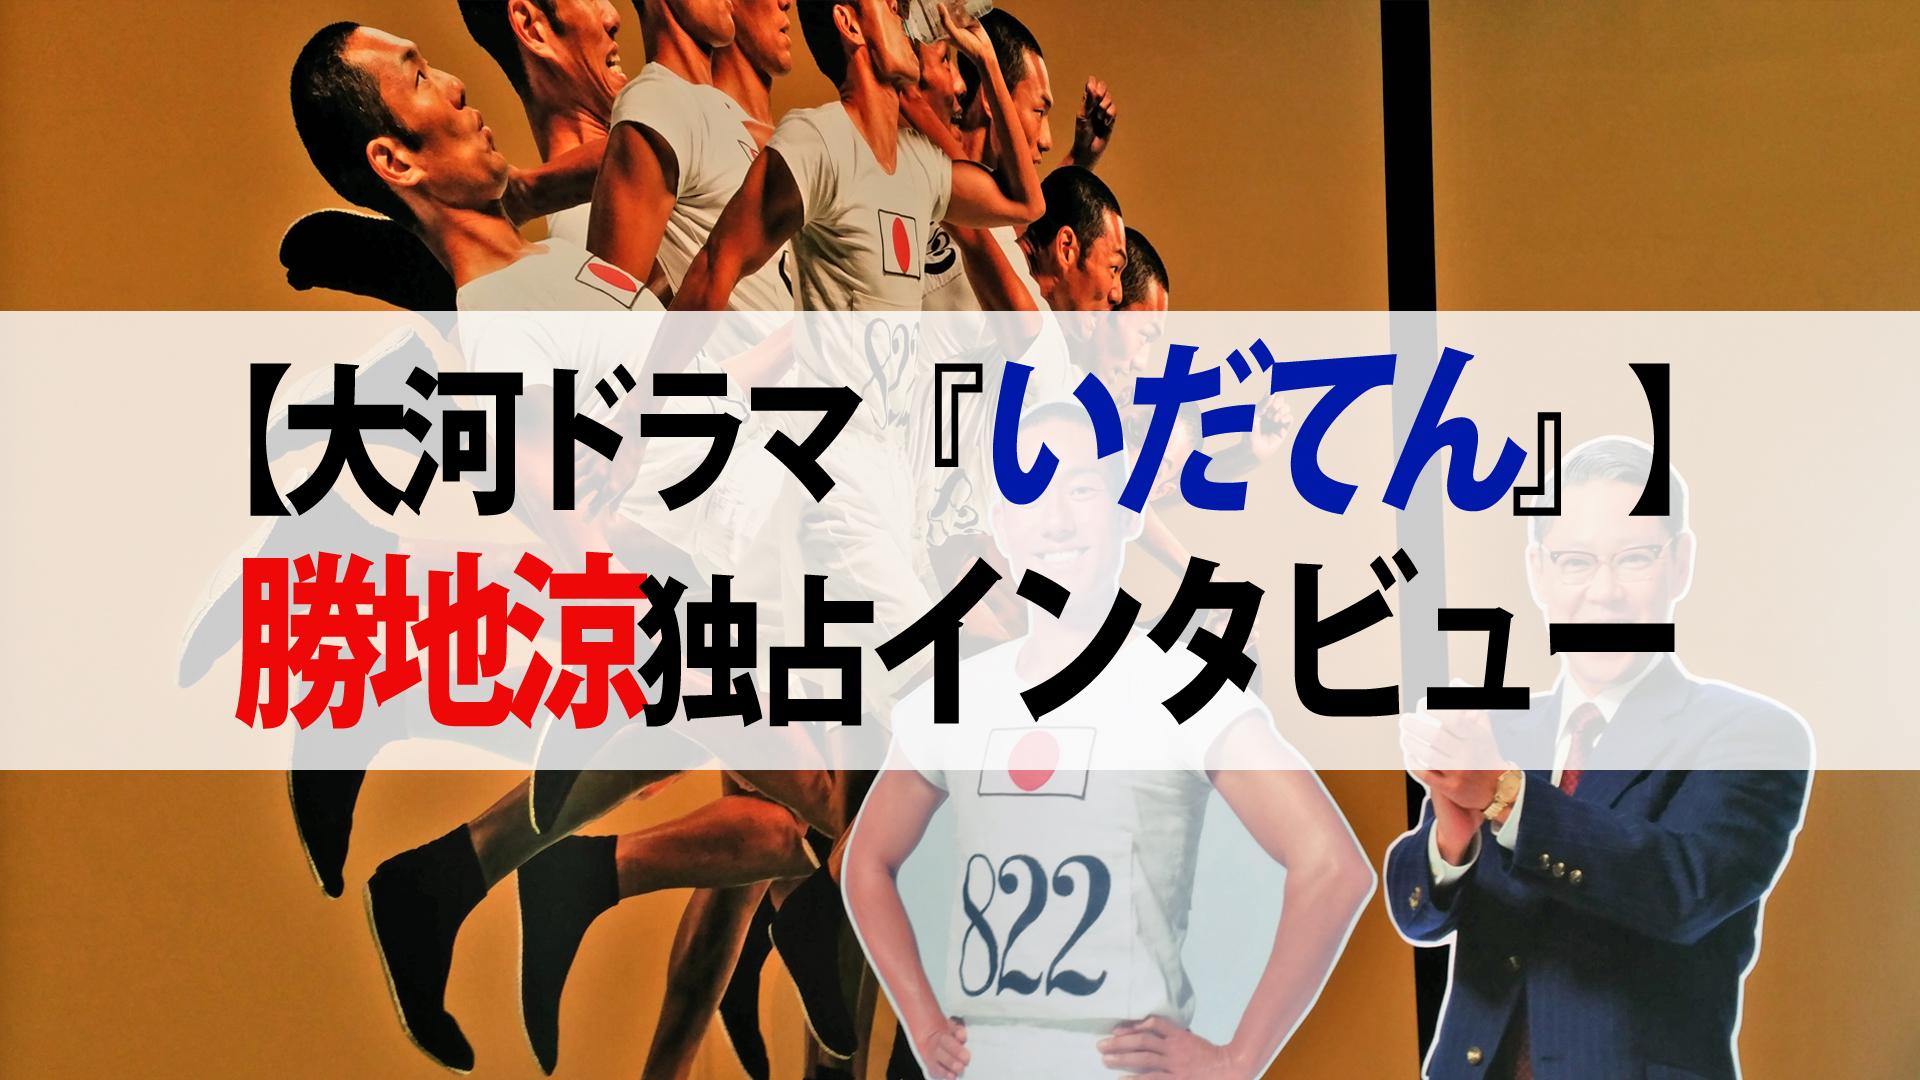 【大河ドラマ『いだてん』】『美川秀信』役の勝地涼への独占インタビュー!『いだてん』撮影の裏話も!?【クマロク!】